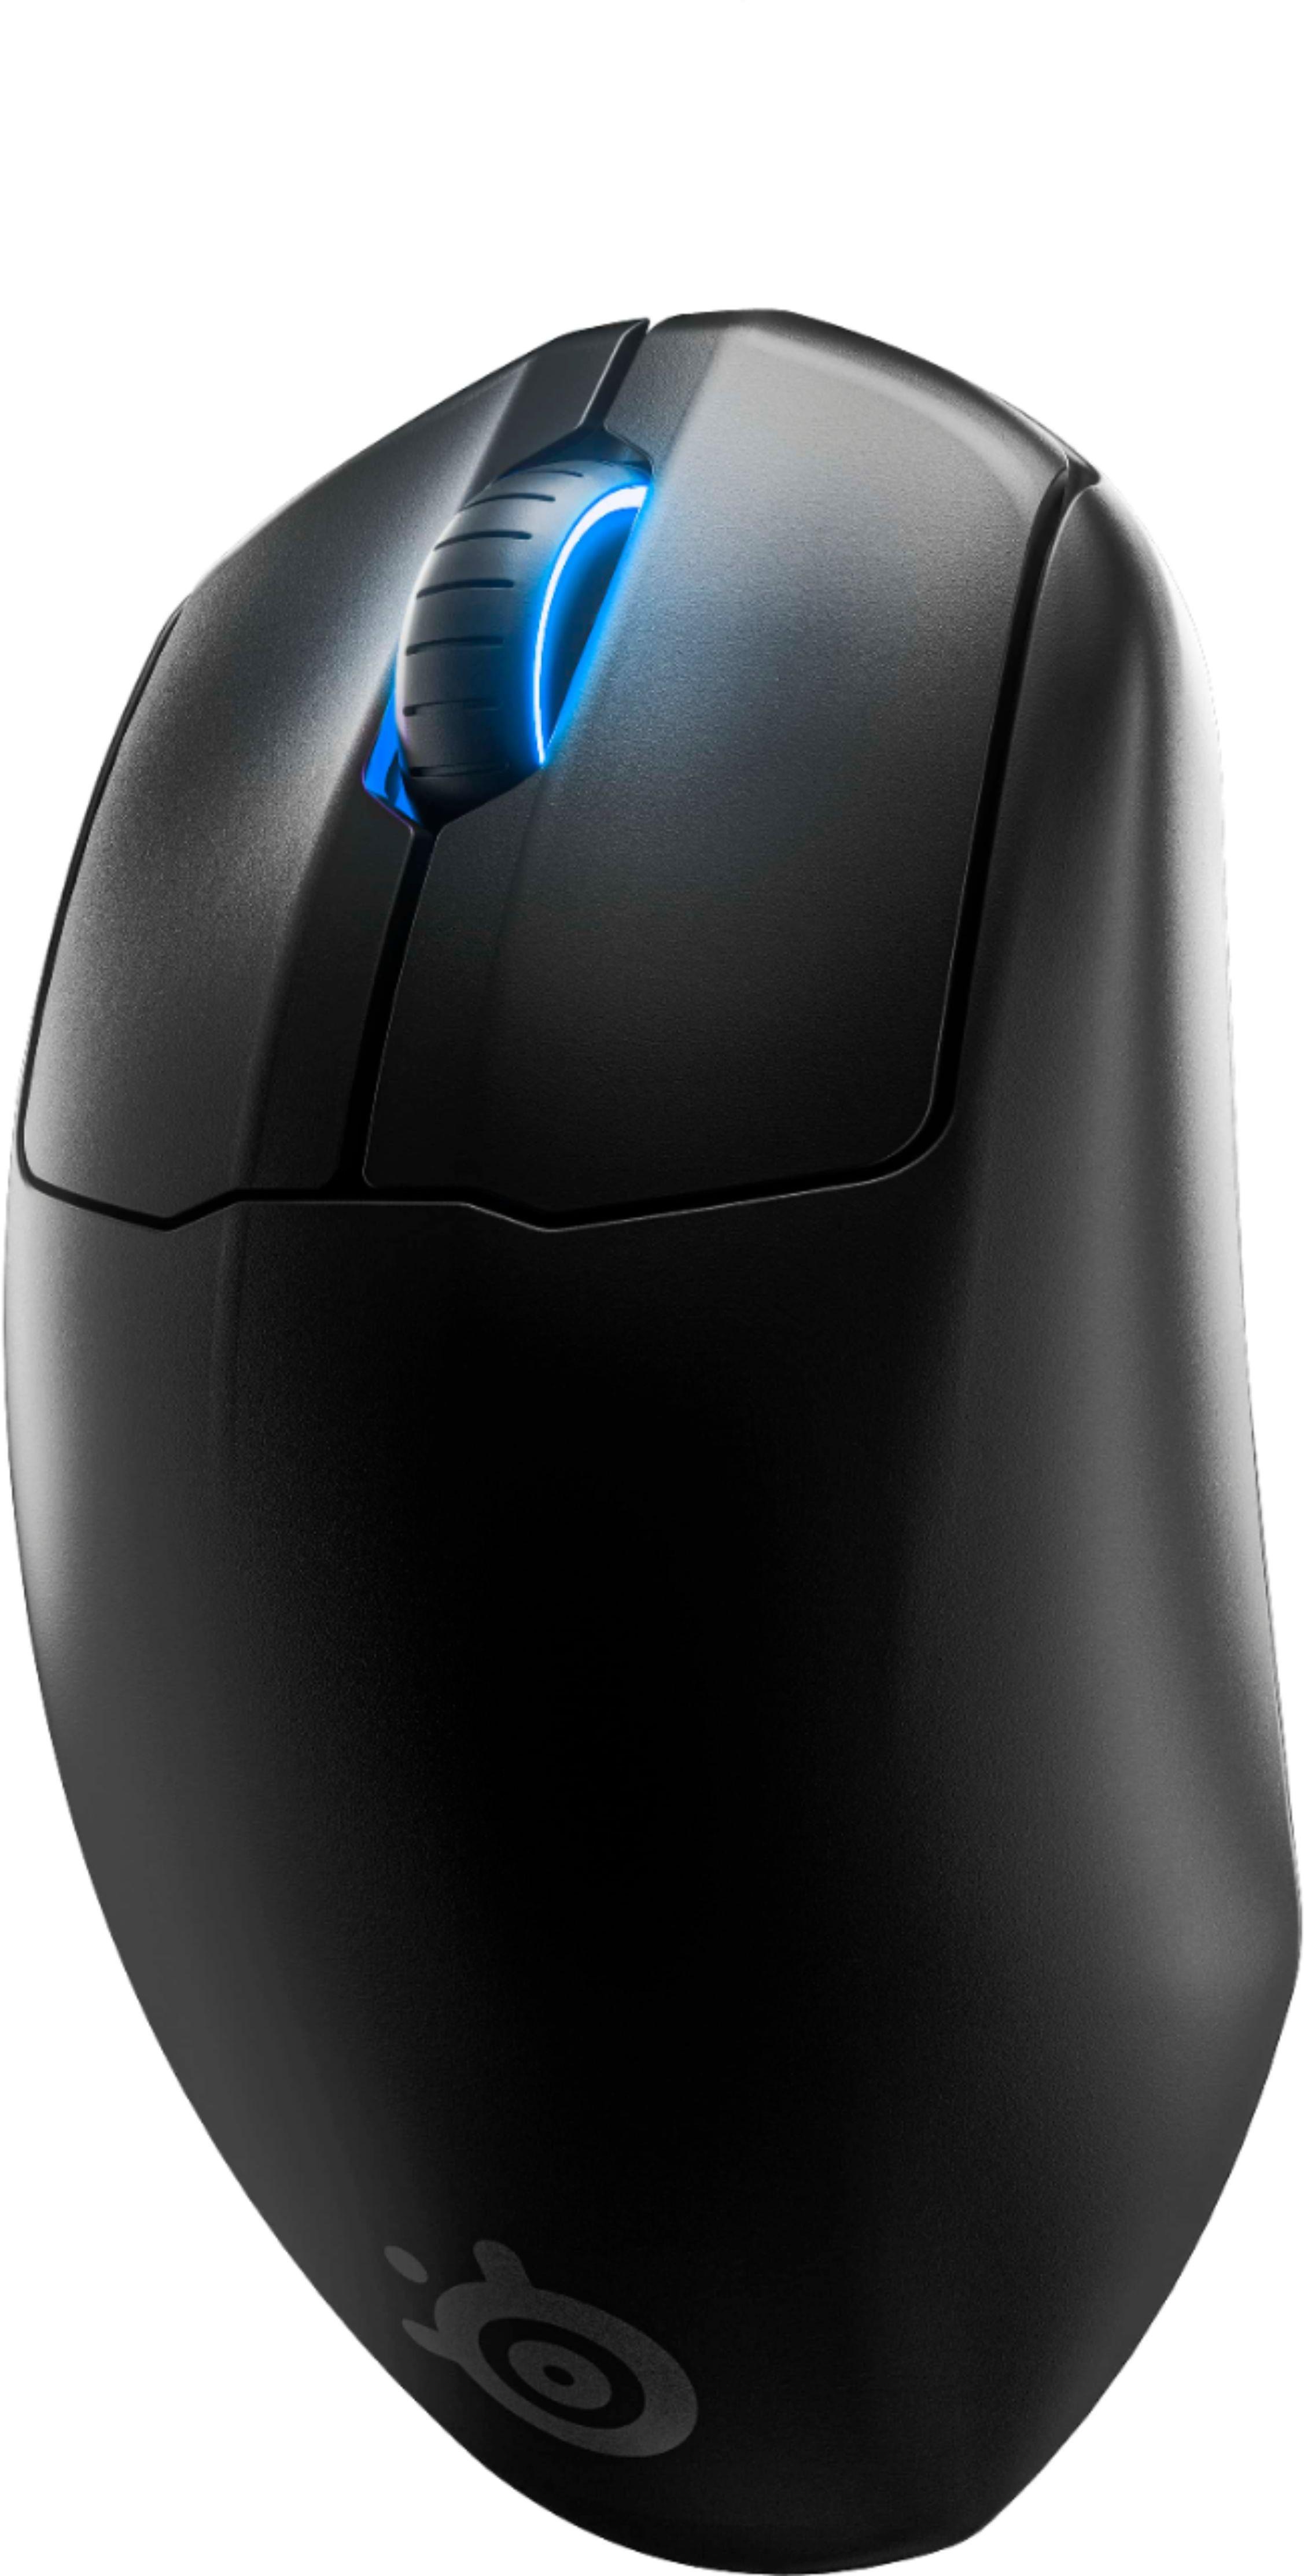 SteelSeries Prime Wireless juoda laidinė optinė-magnetinė pelė   18000 CPI